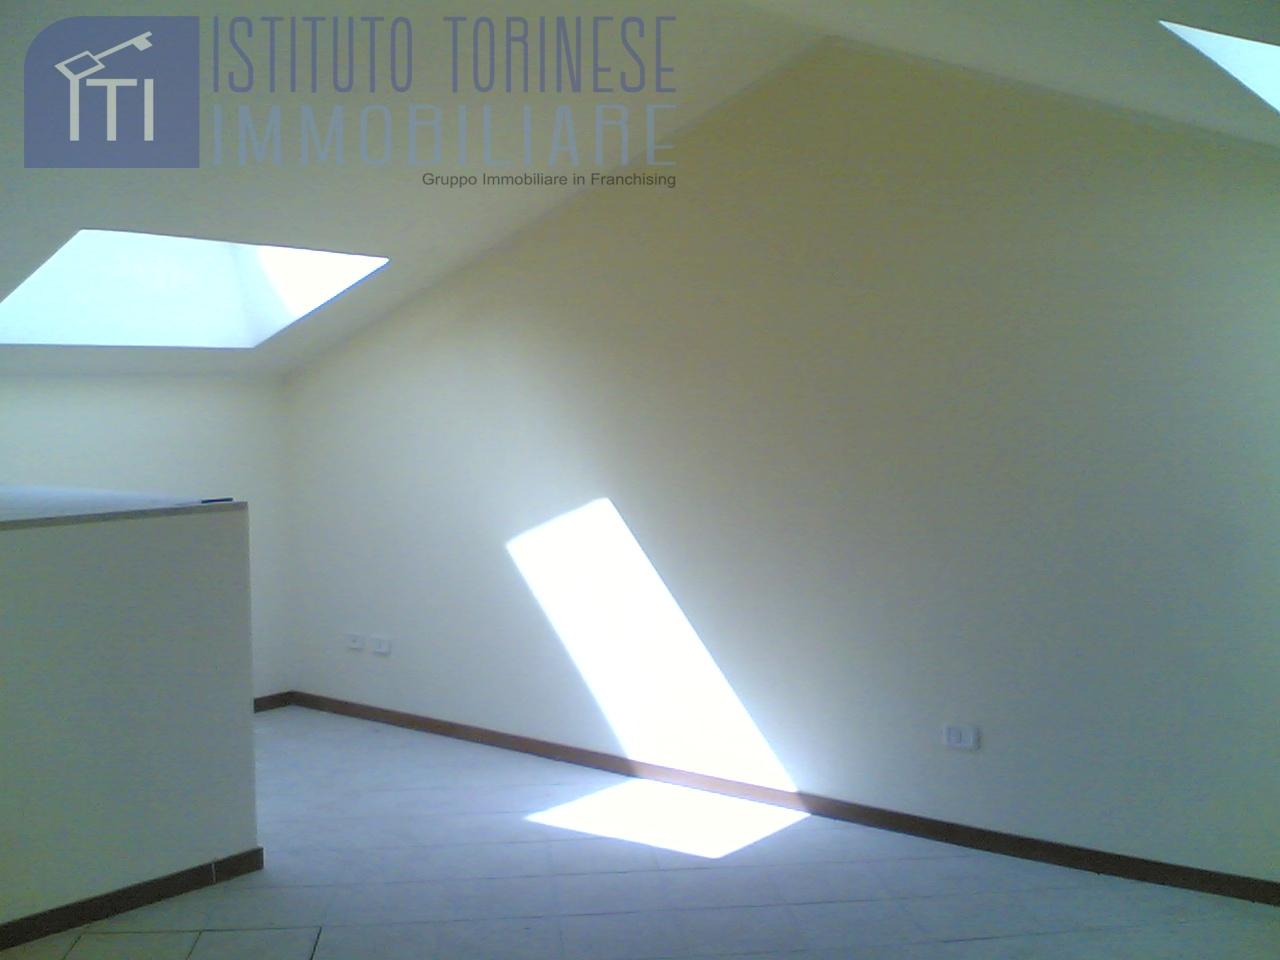 Attico TERNI affitto    Istituto Torinese Immobiliare